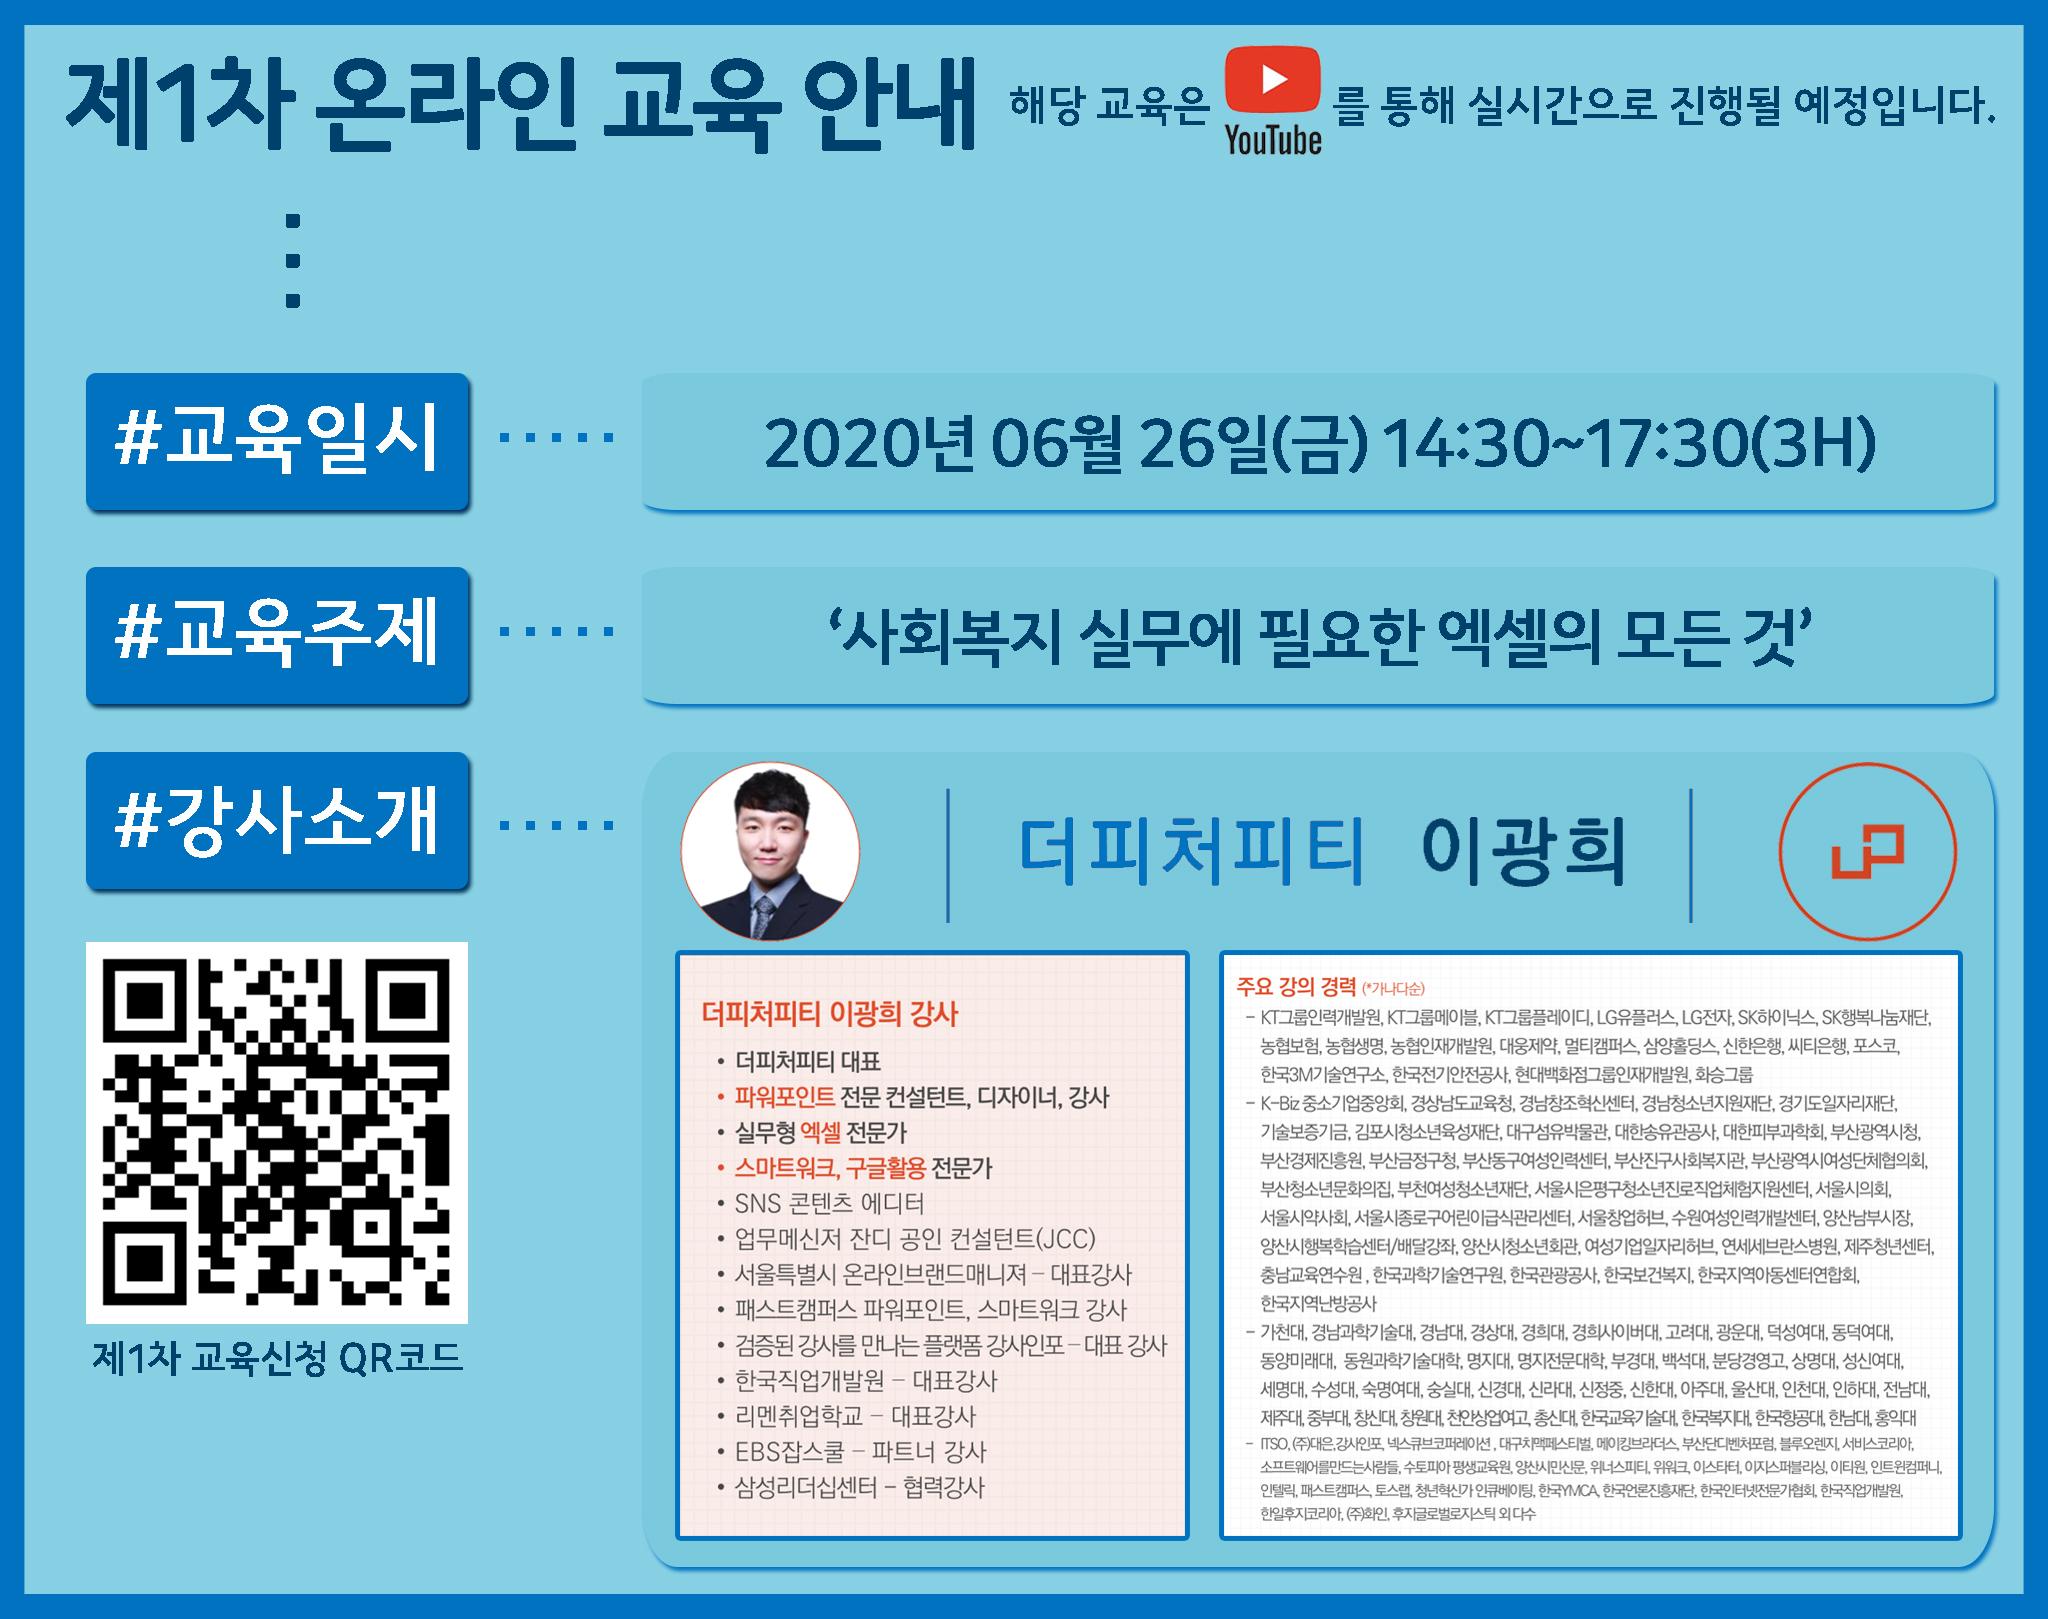 사회복지사 역량강화 온라인 교육 실시 안내-3.jpg